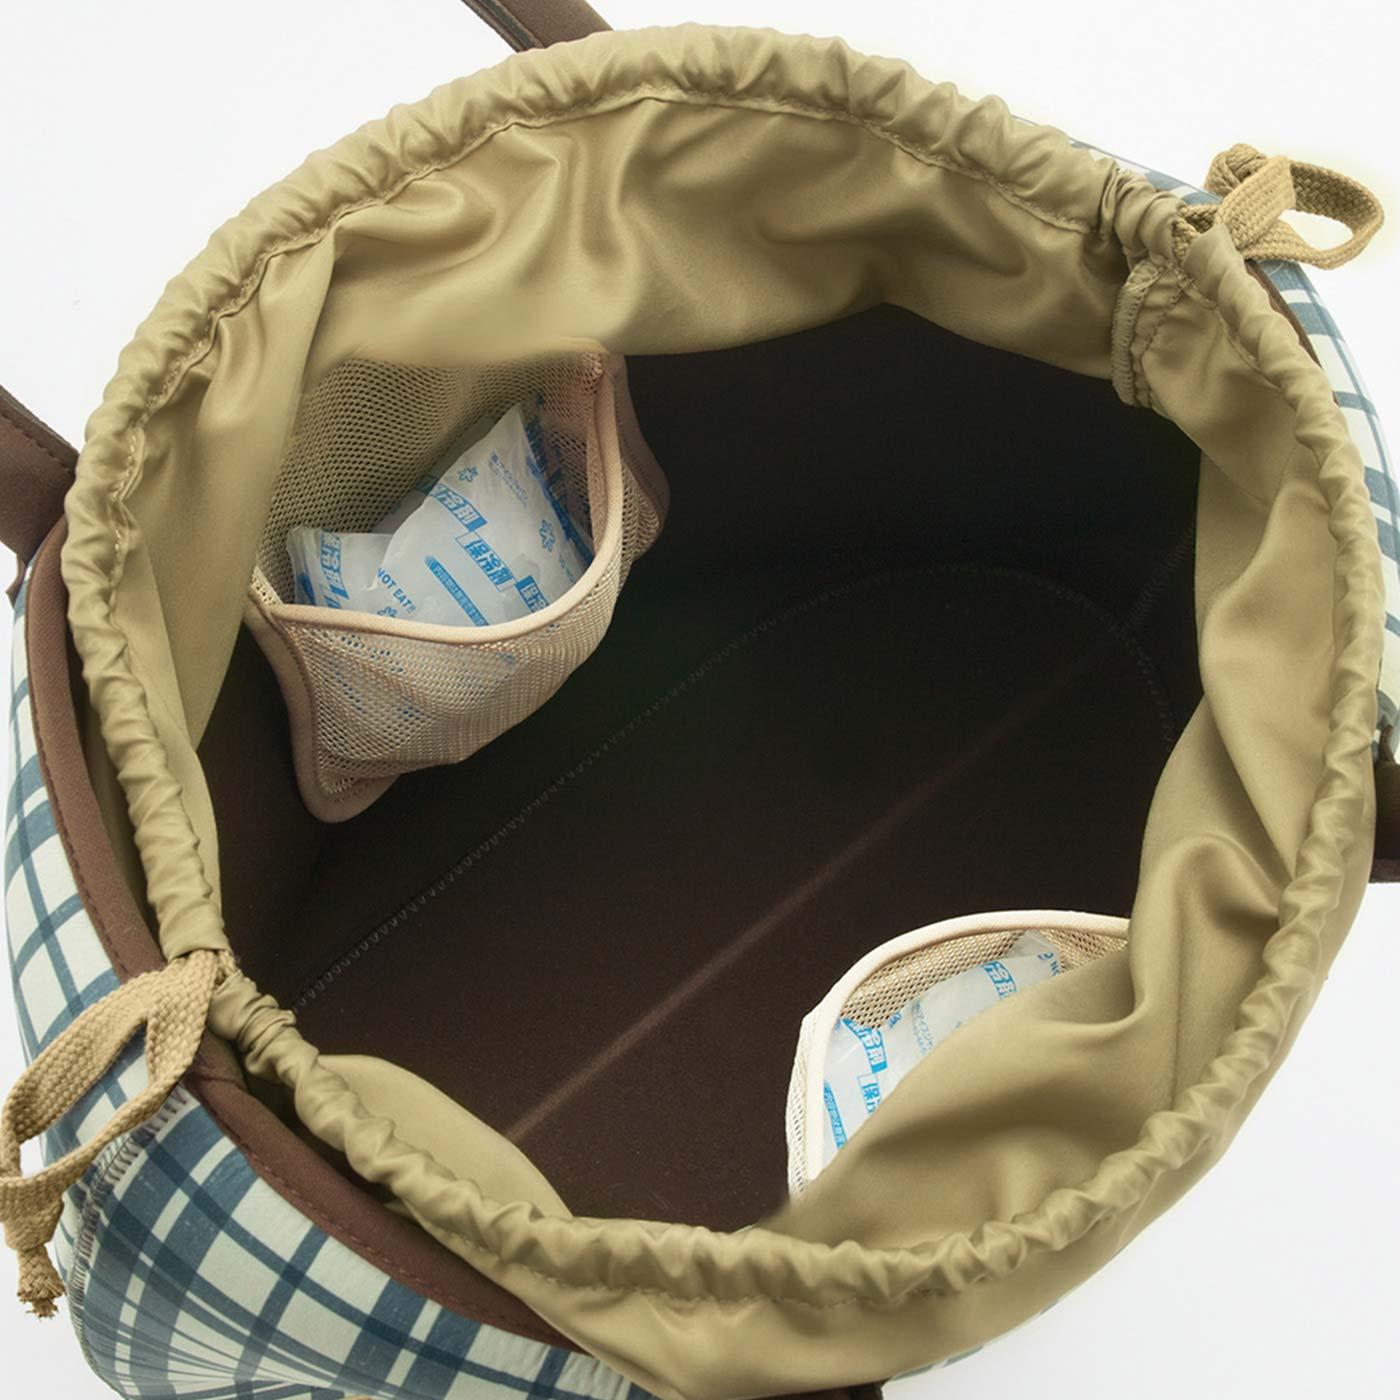 両側面には保冷剤が入れられるメッシュポケット付き。